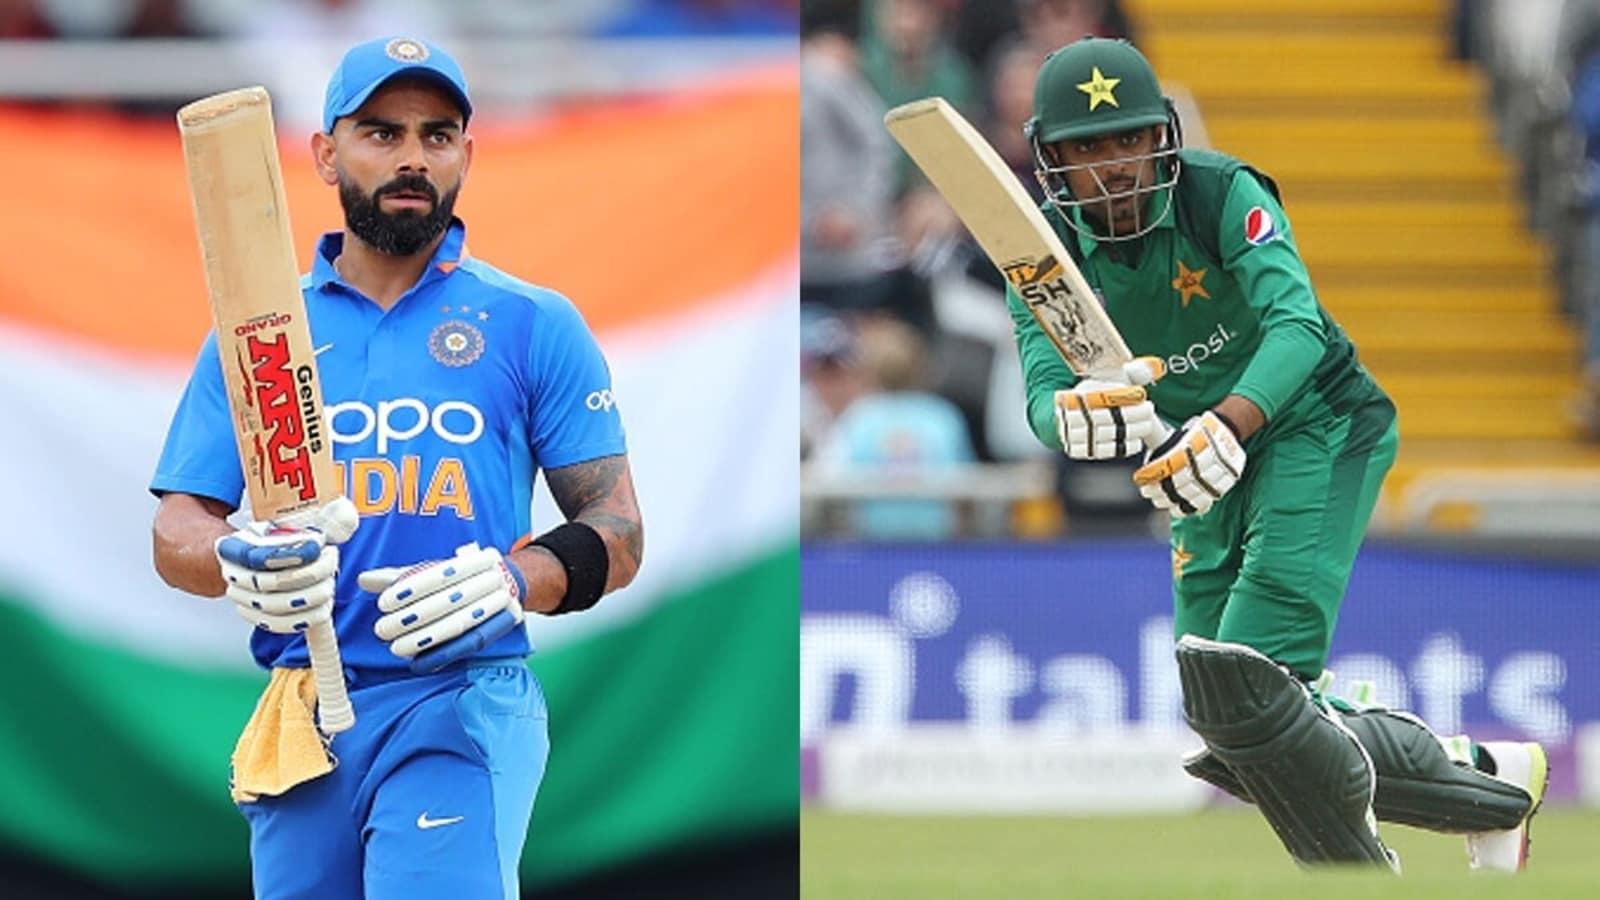 भारत के हाथों हर बार मिली शर्मनाक हार से भी नहीं सुधरा पाकिस्तान, अब बाबर आजम ने कहा इस वजह से हमसे हारेगा भारत 4